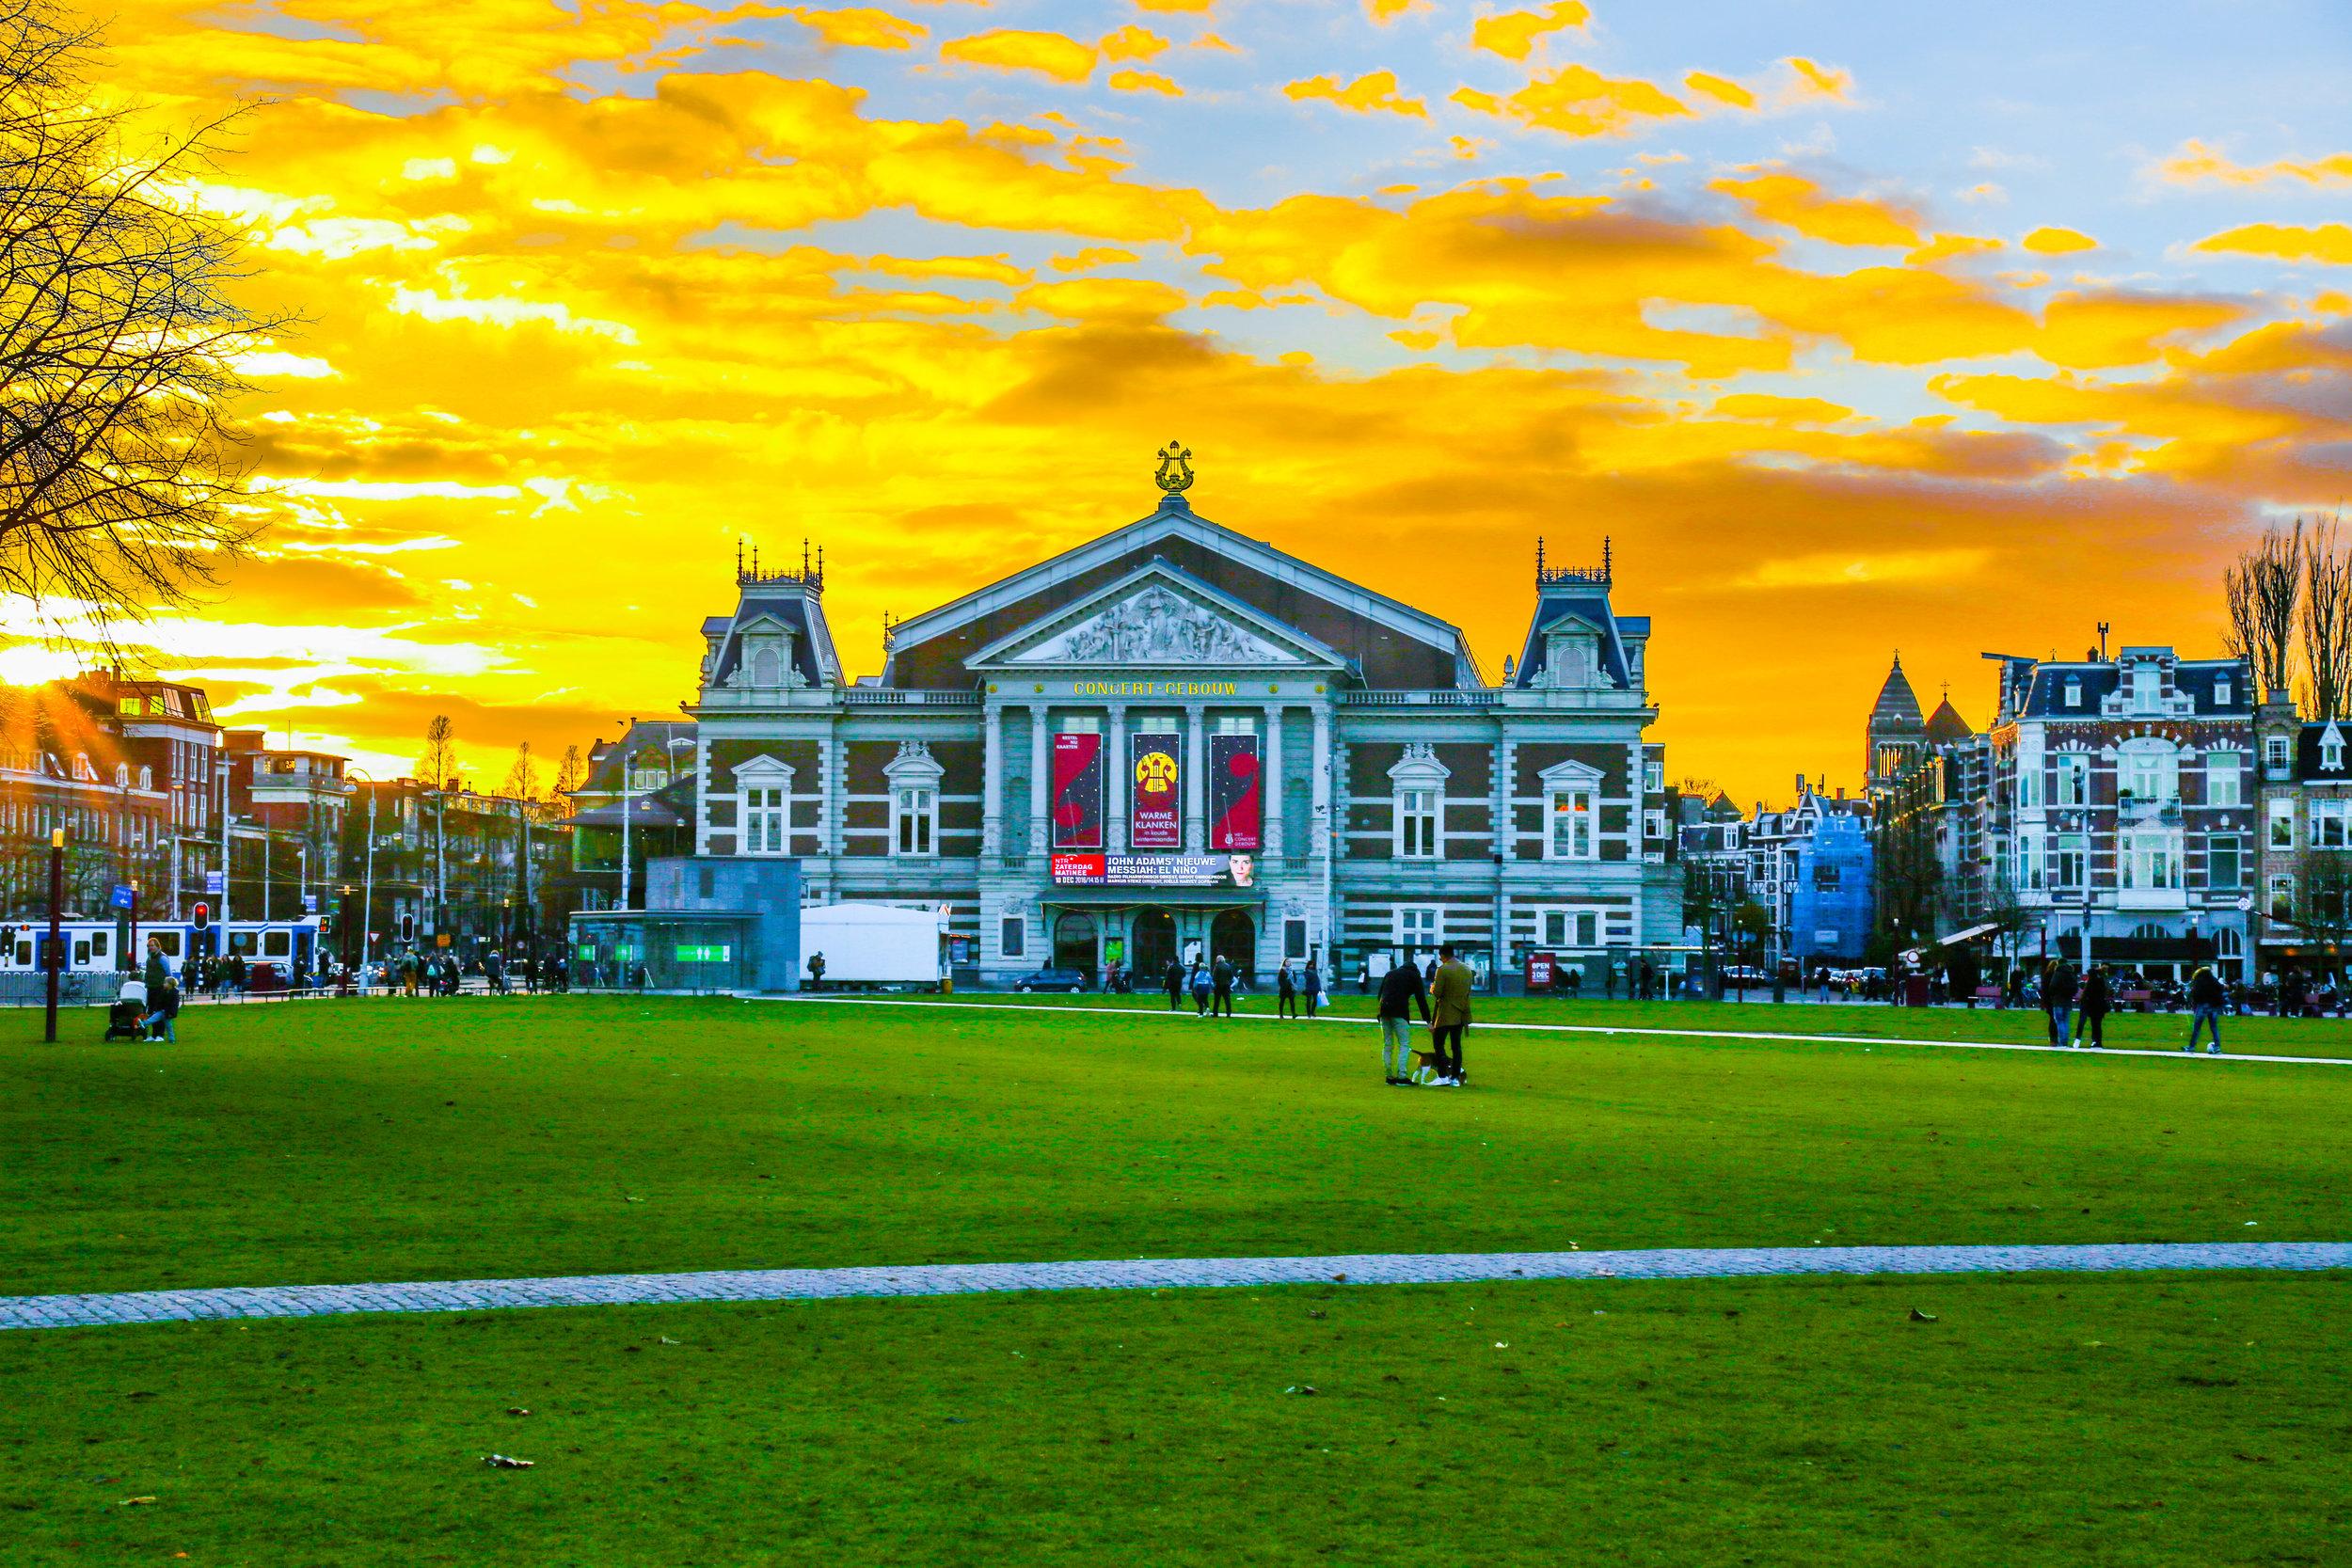 Van_Gogh_Field.jpg